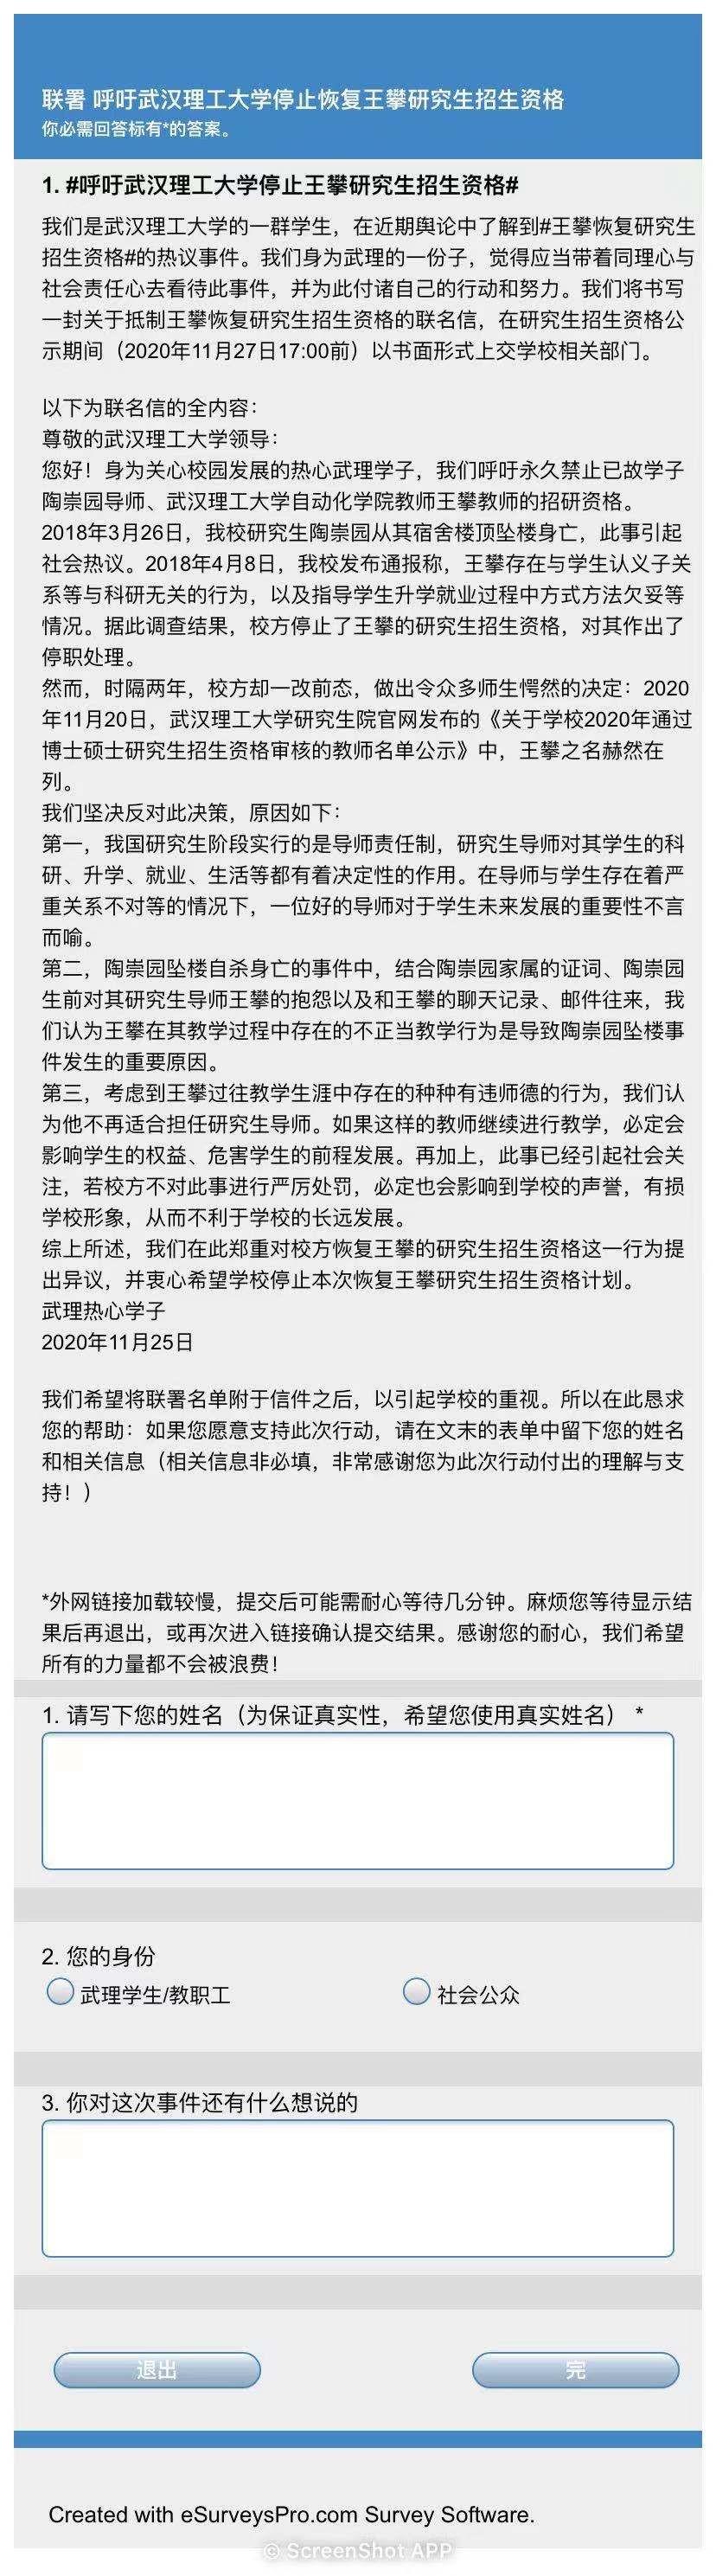 武汉理工学生发起联署活动:抵制陶崇园导师王攀恢复招研资格